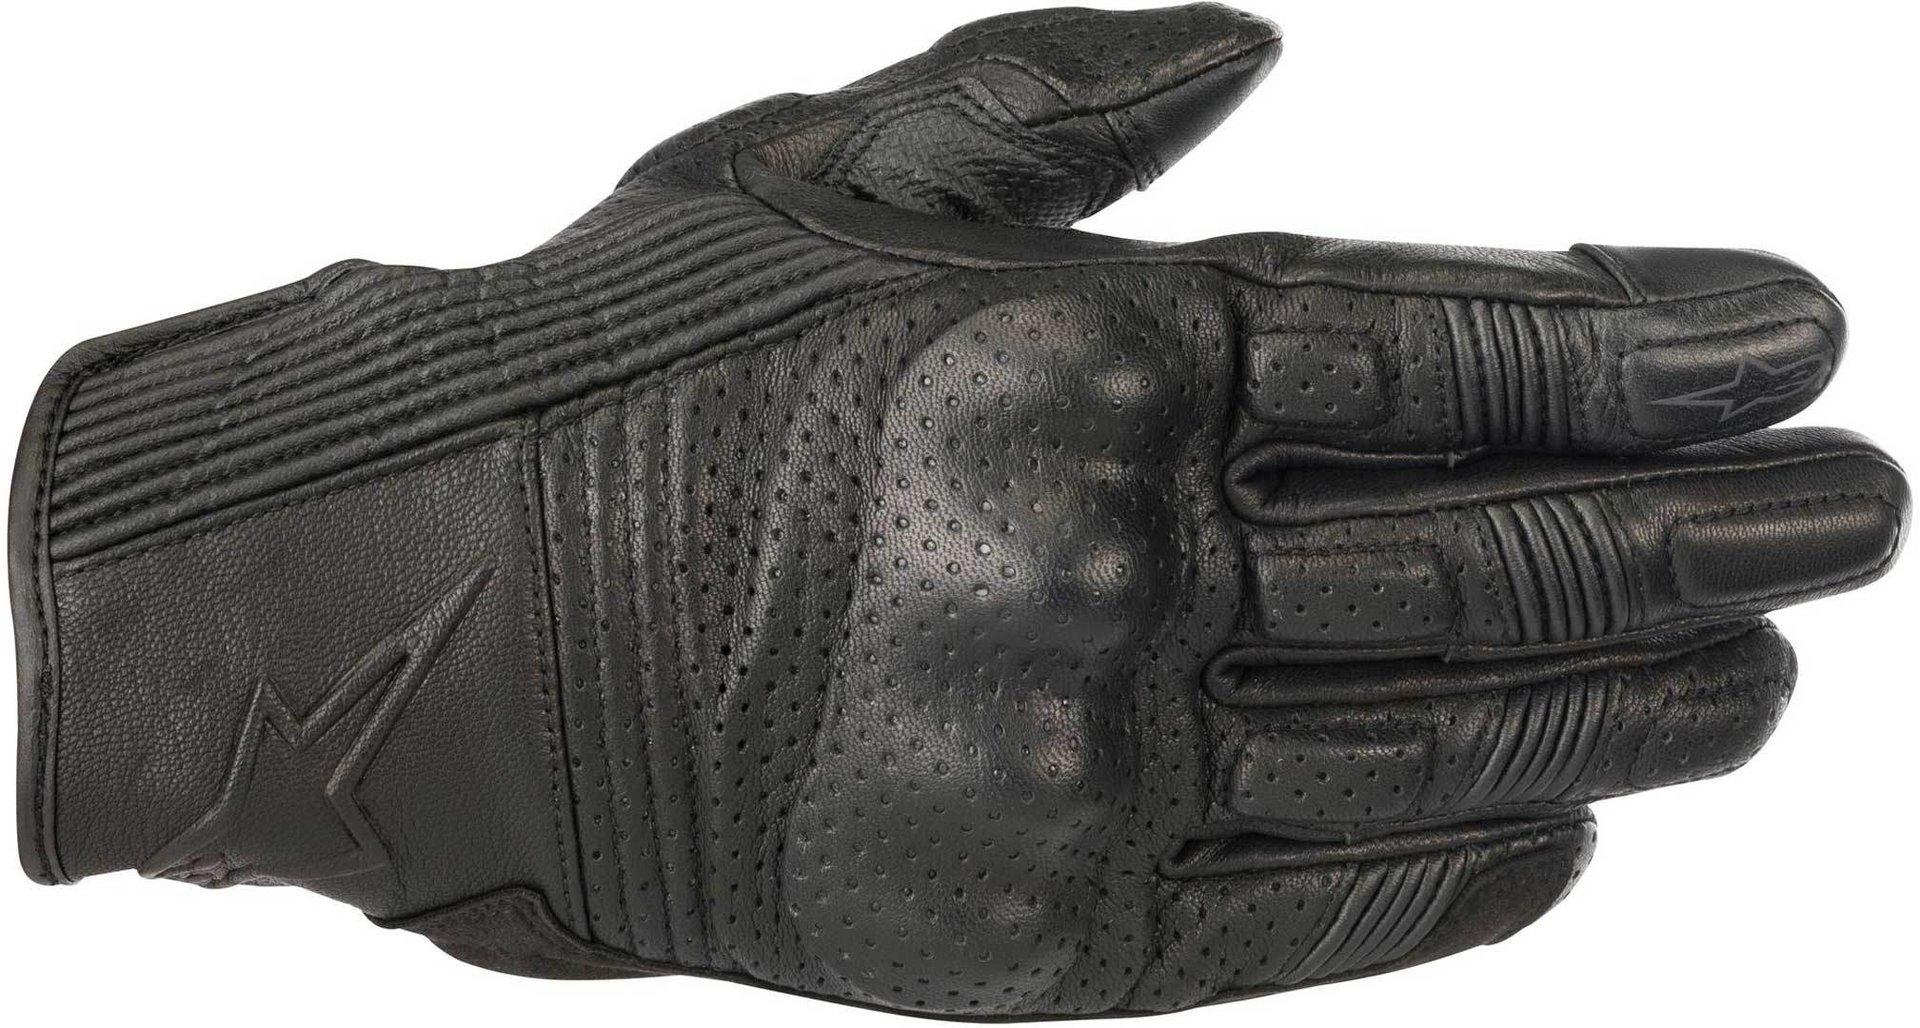 Guanti moto in pelle con protezioni Alpinestars MUSTANG V2 nero 1